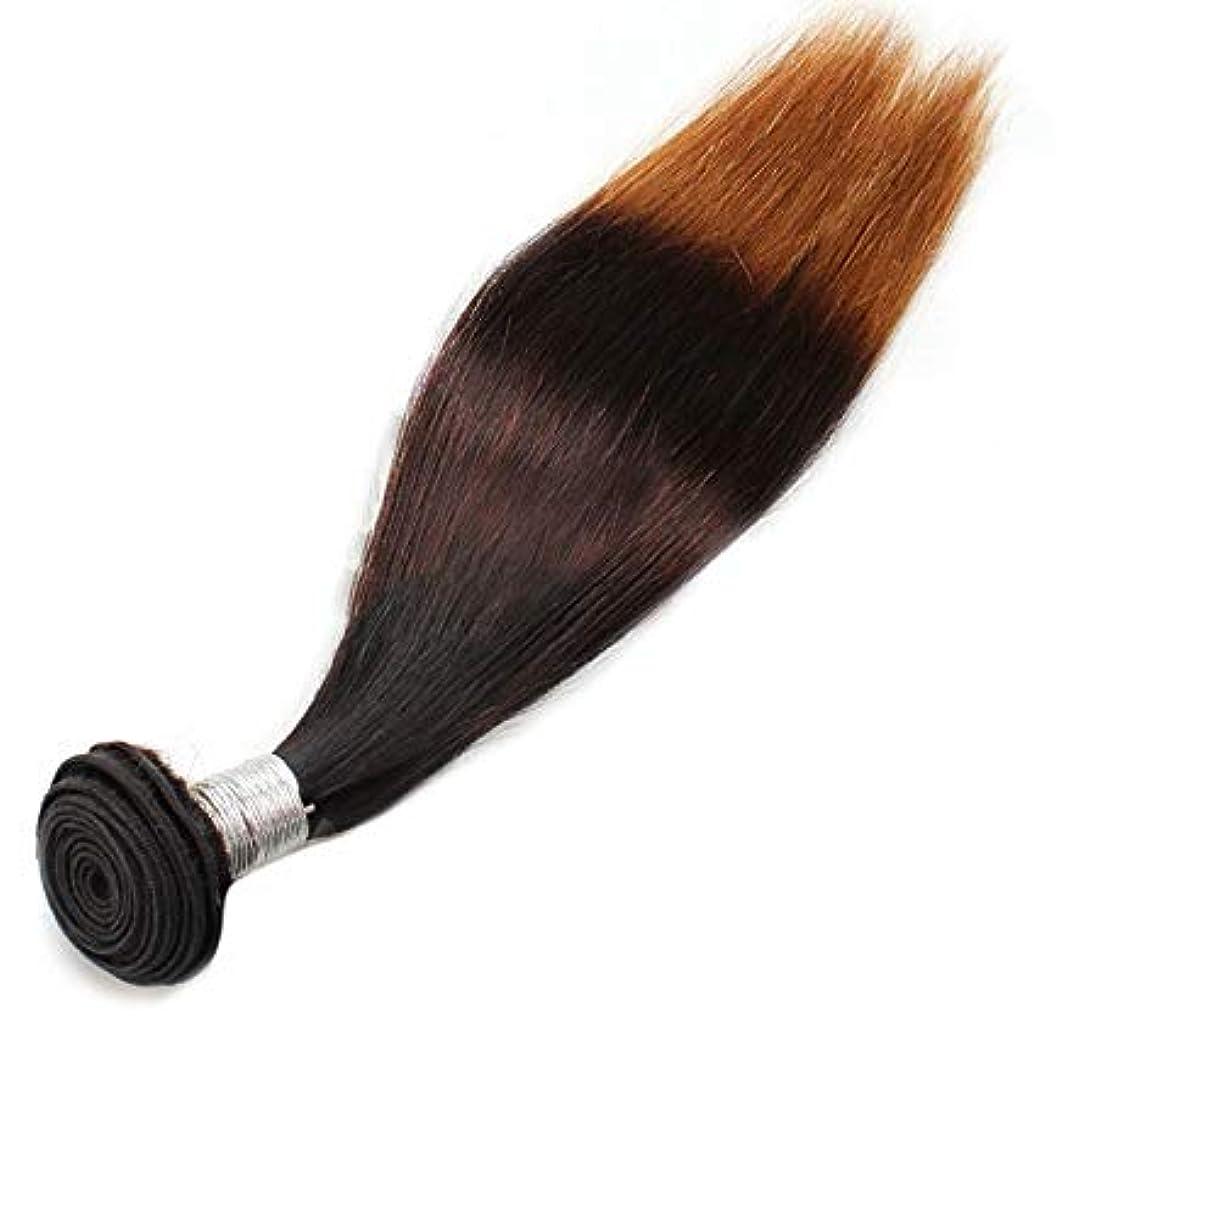 大使バーチャルジムWASAIO クロージャー本体の拡張3トーンカラーで、ブラジルの髪のバンドルカーリー人間ウィーブ (色 : ブラウン, サイズ : 18 inch)